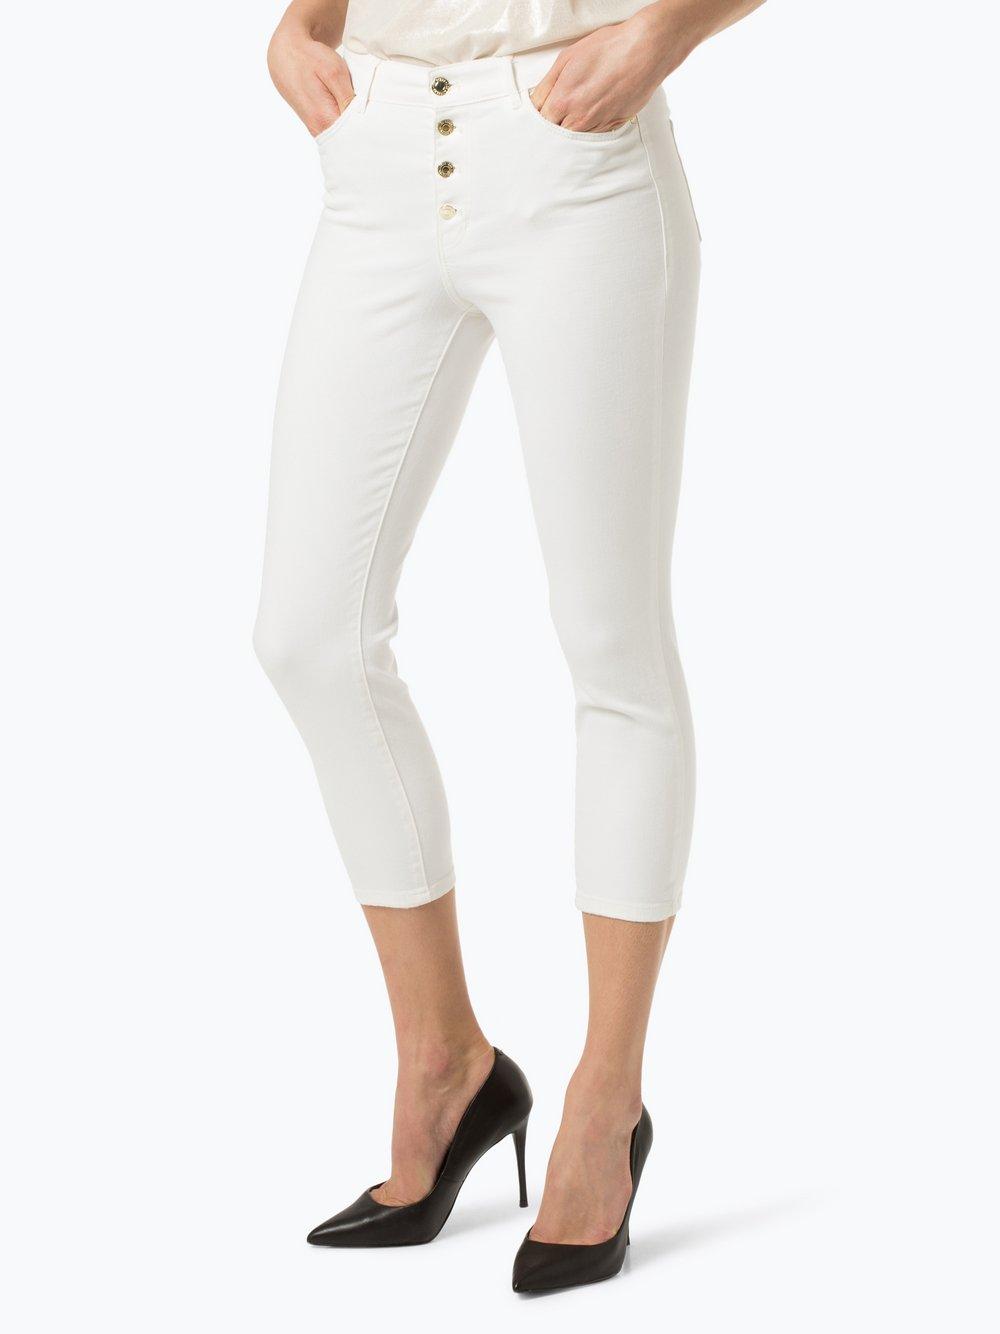 Guess Jeans - Jeansy damskie, biały